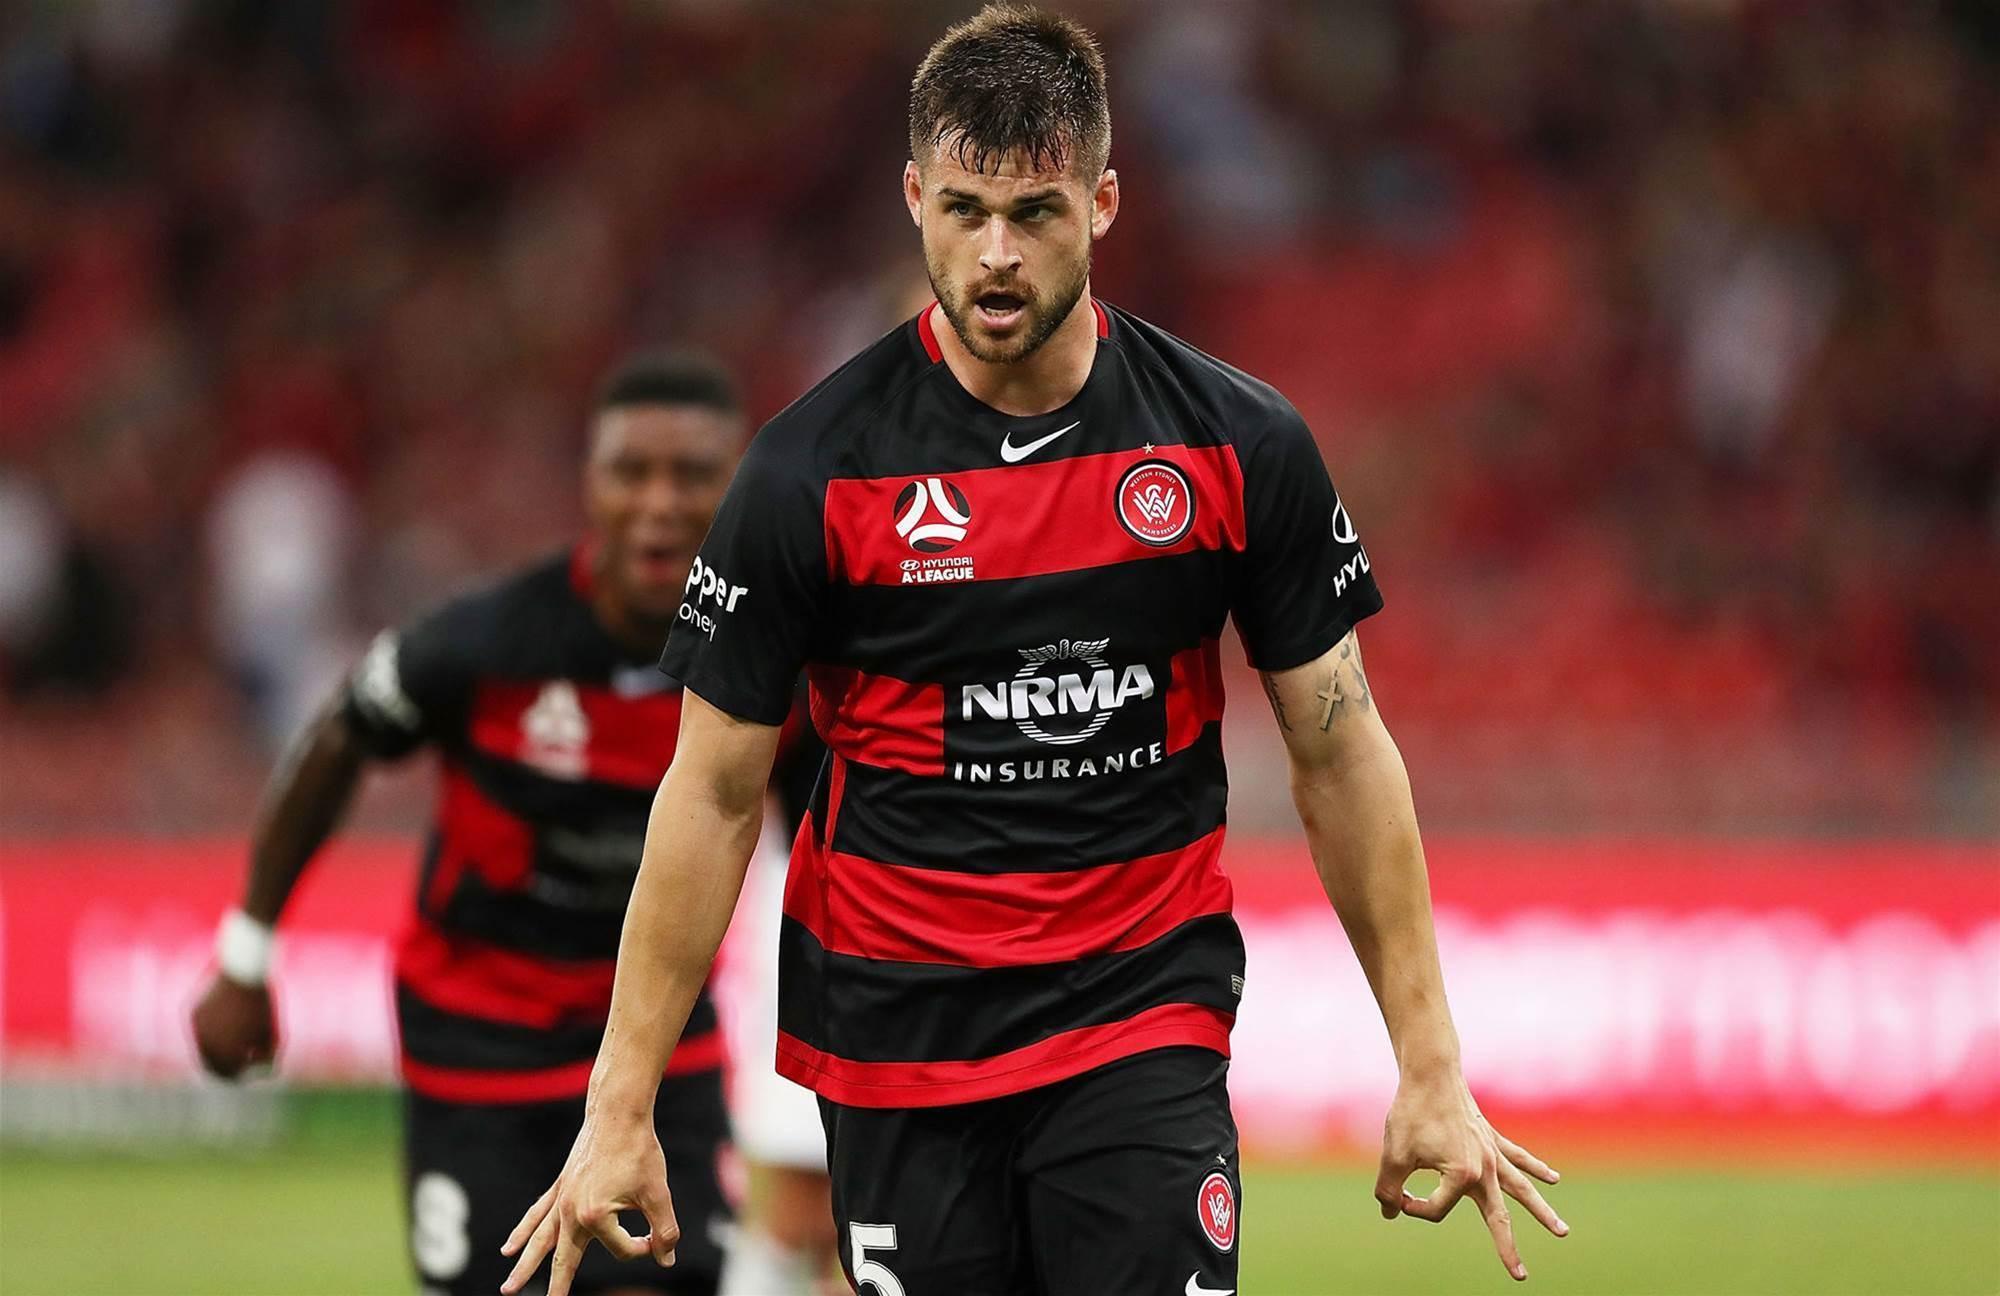 Hamill: Wanderers need the RBB